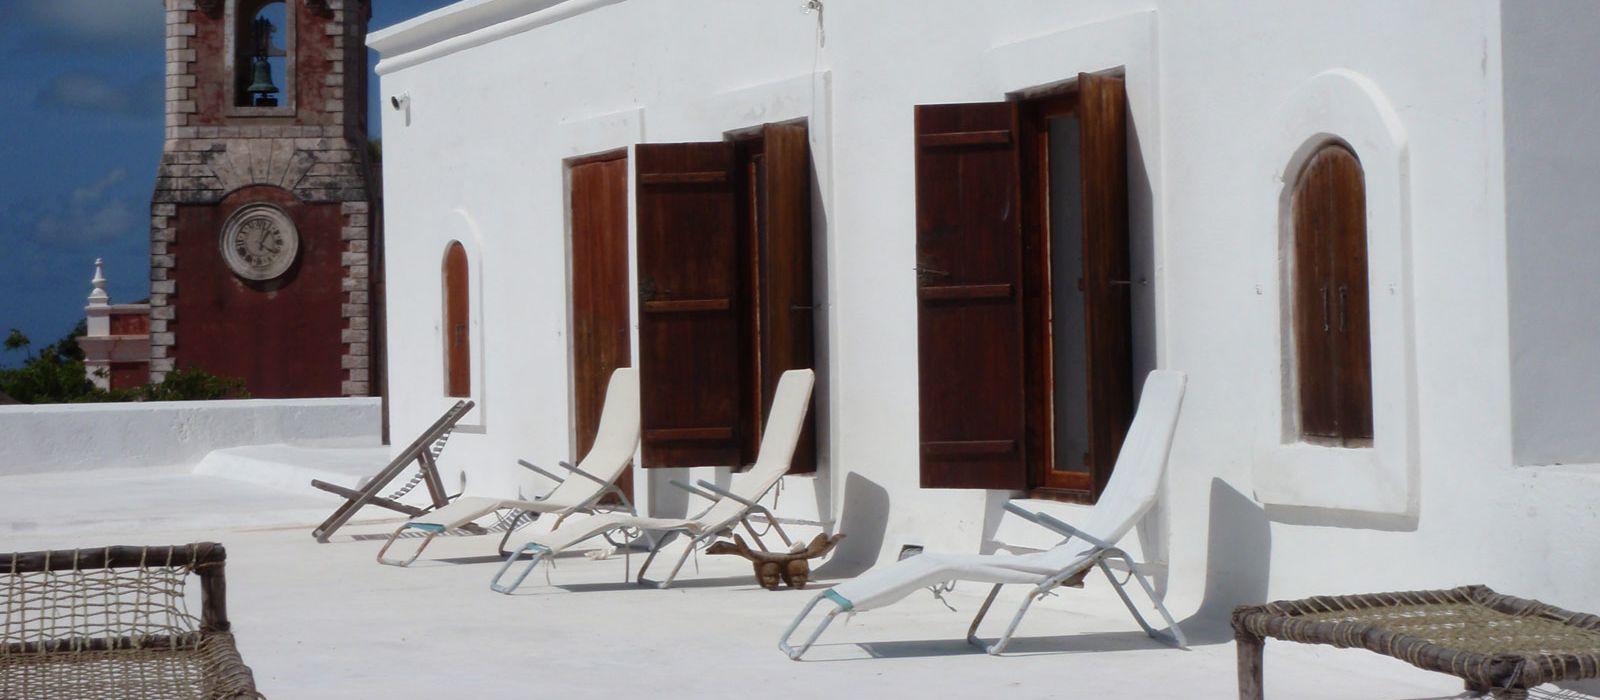 Hotel Terraco das Quitandas Mozambique